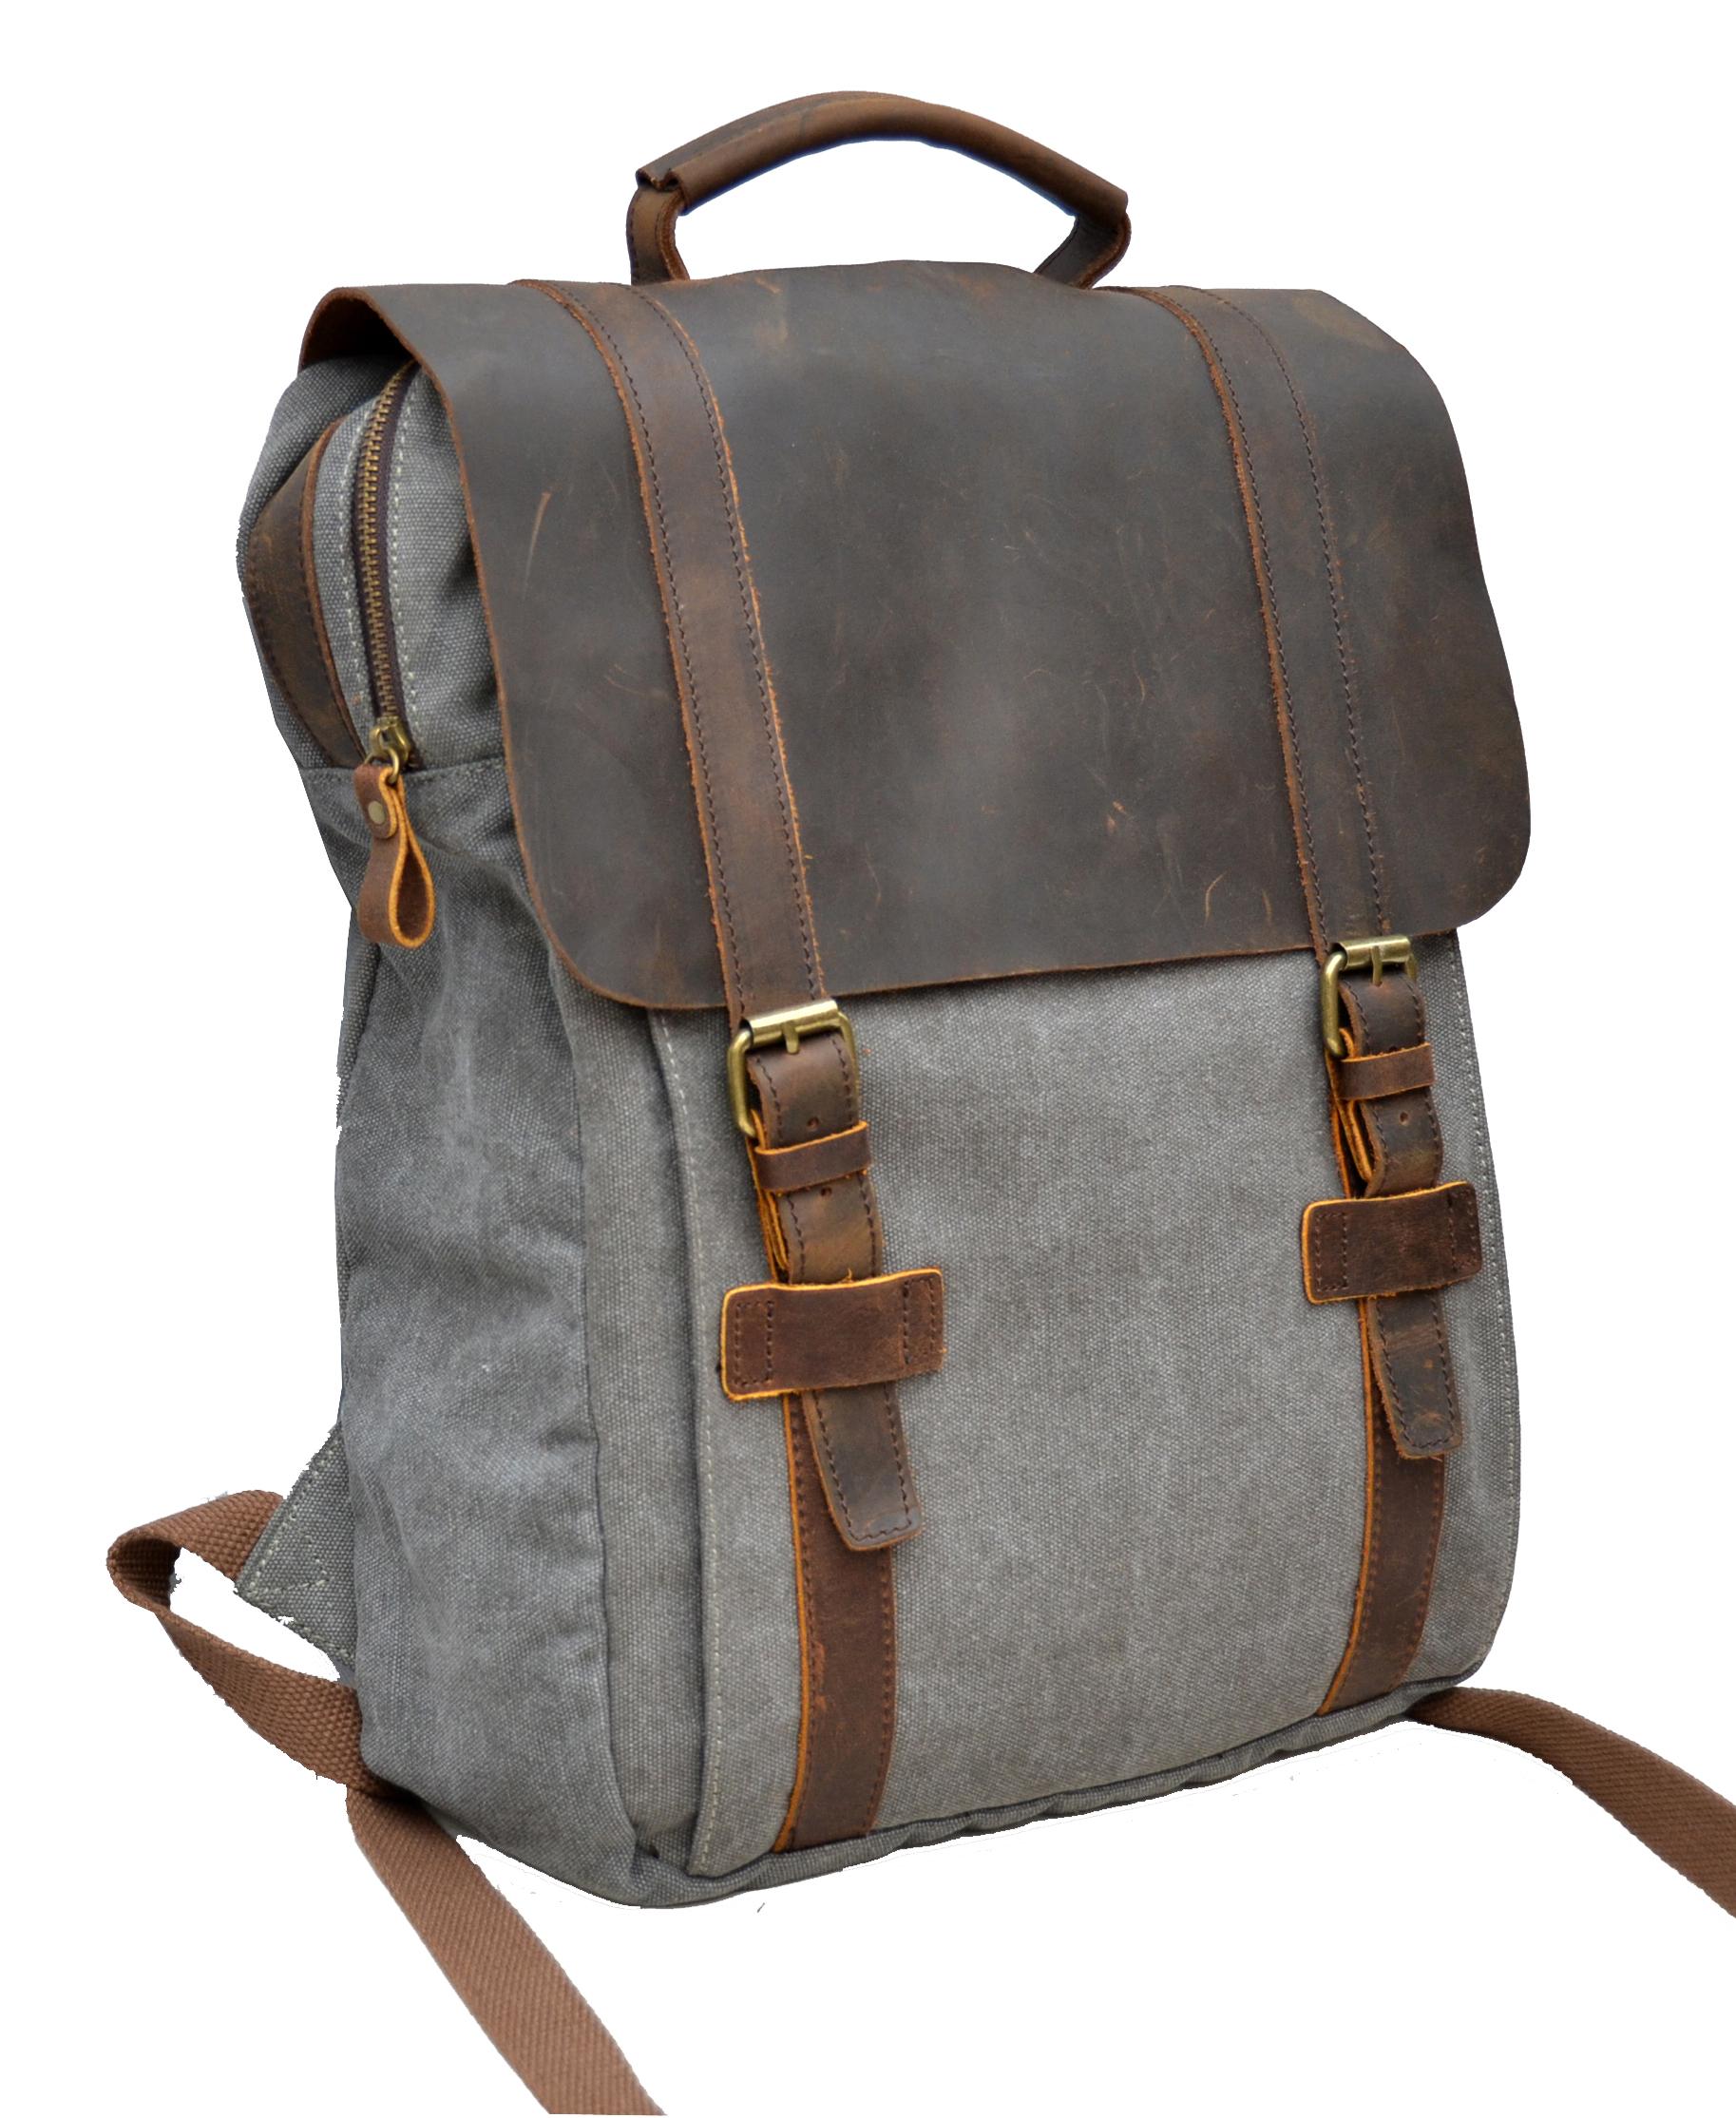 gootium vintage canvas real leather backpack travel. Black Bedroom Furniture Sets. Home Design Ideas